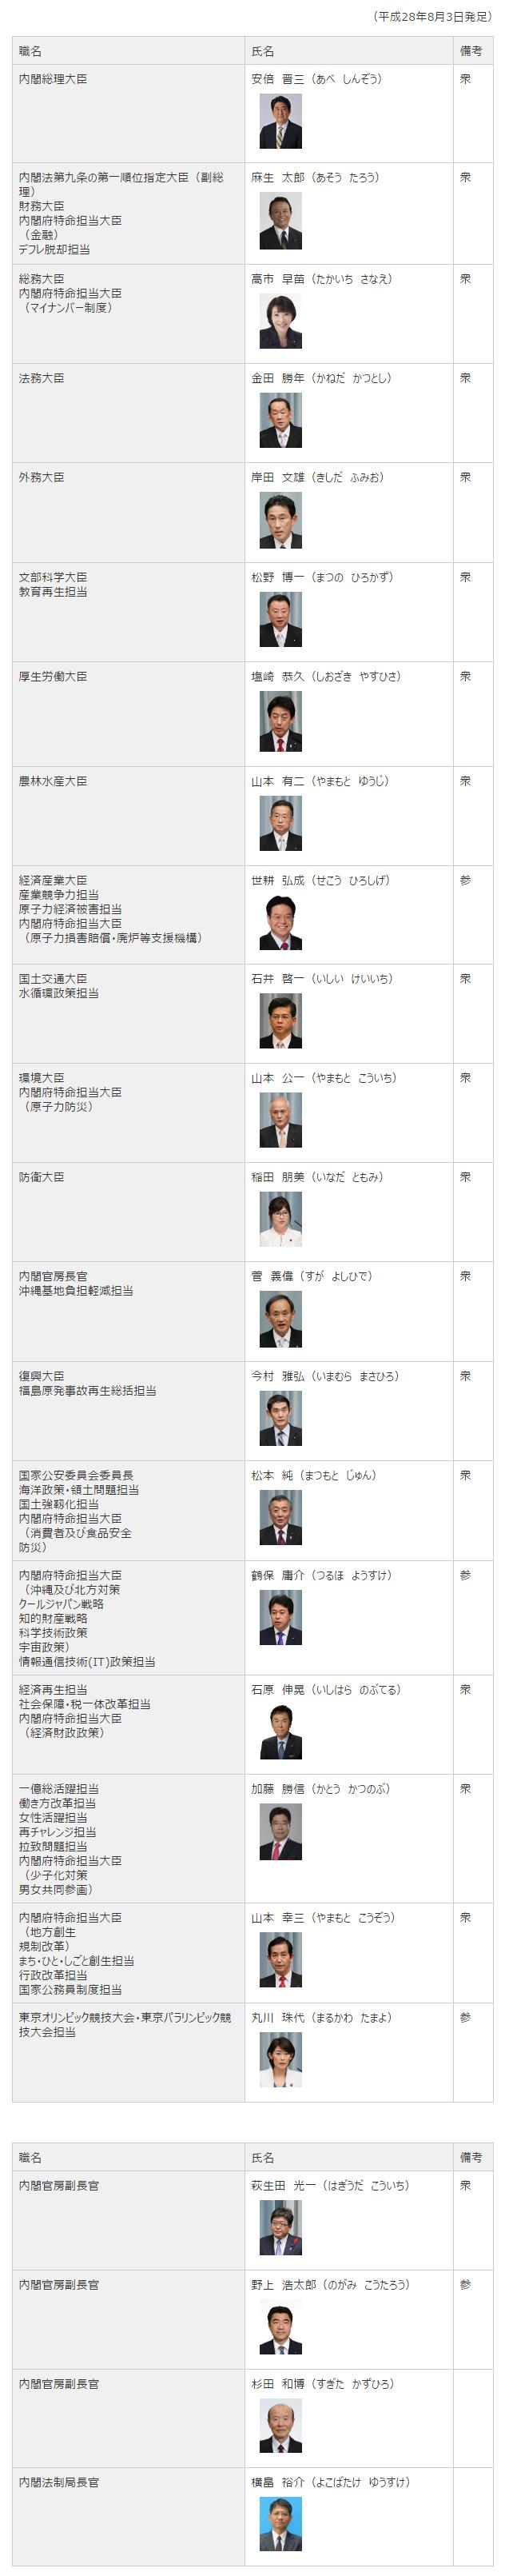 160803 第3次安倍第2次改造内閣 閣僚等名簿